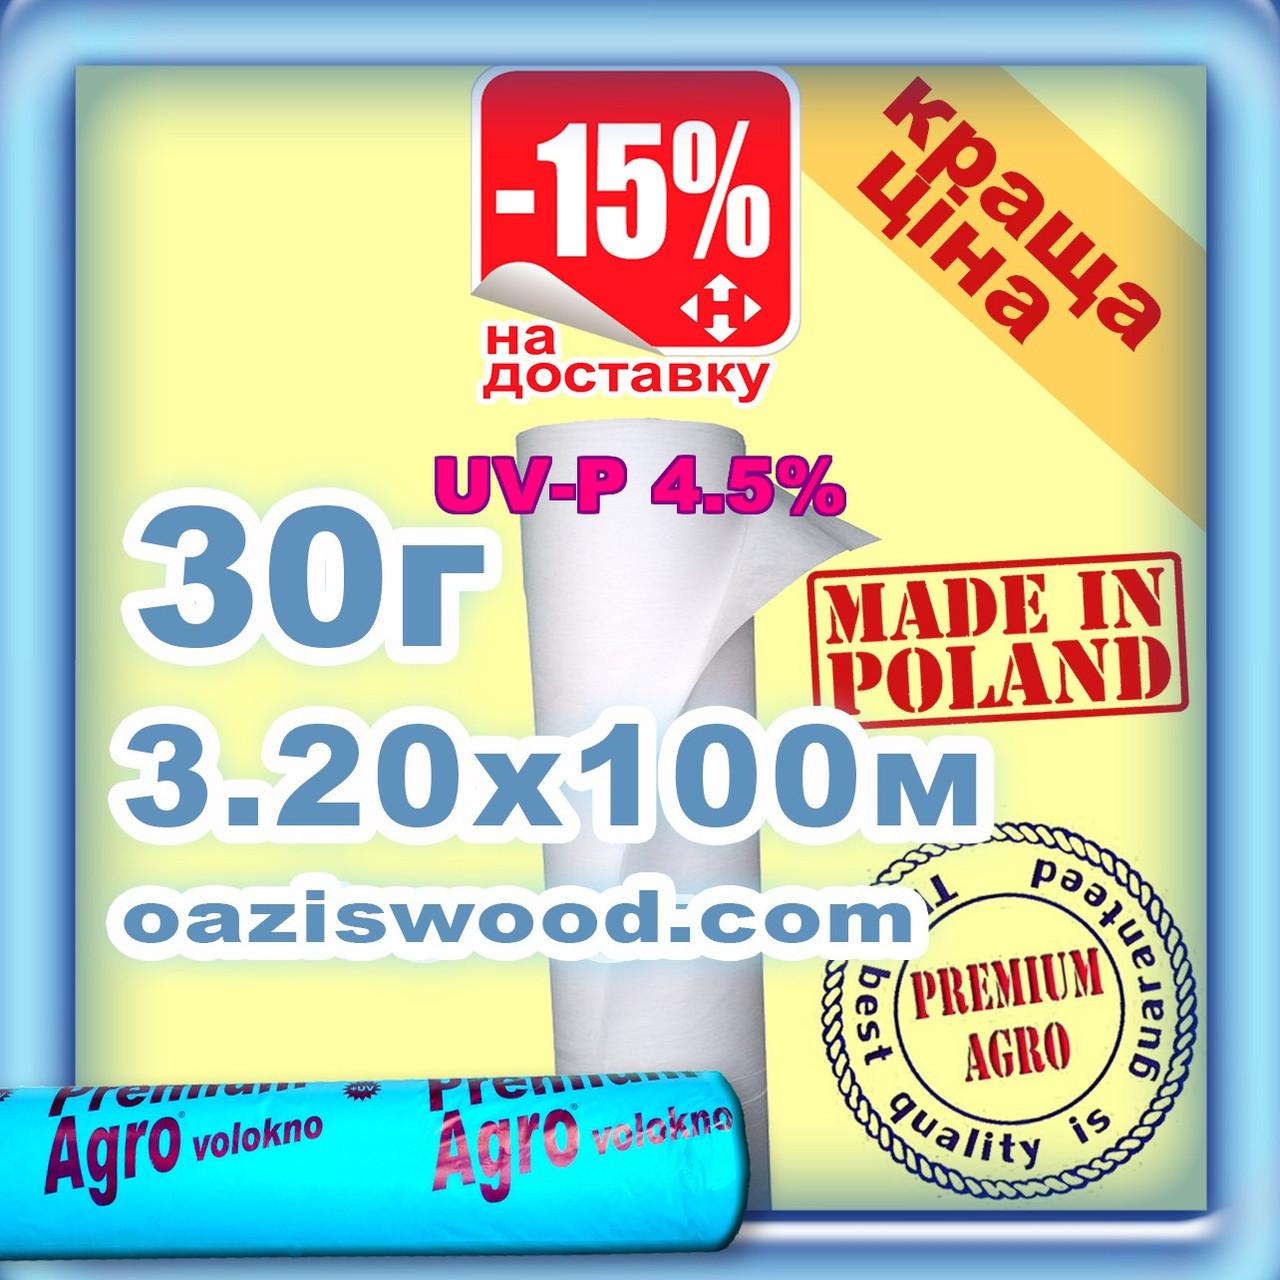 Агроволокно р-30g 3.2*100м белое UV-P 4.5% Premium-Agro Польша